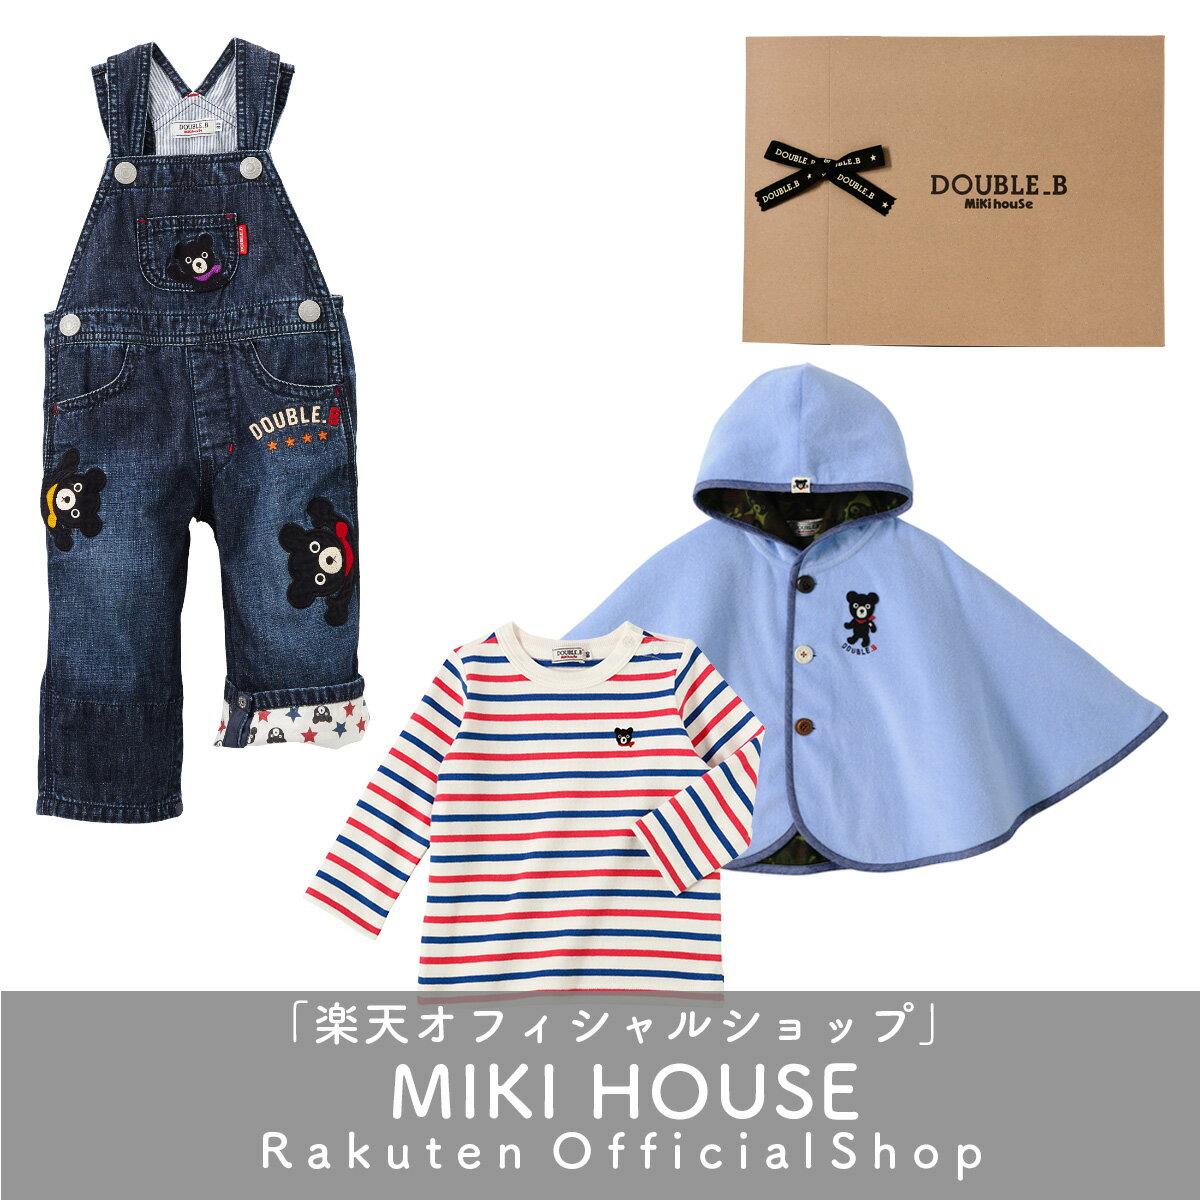 【通販限定】ミキハウス ダブルビー mikihouse オーバーオール・ポンチョ・Tシャツのお得な3点セット【ラッピング済】(80cm)